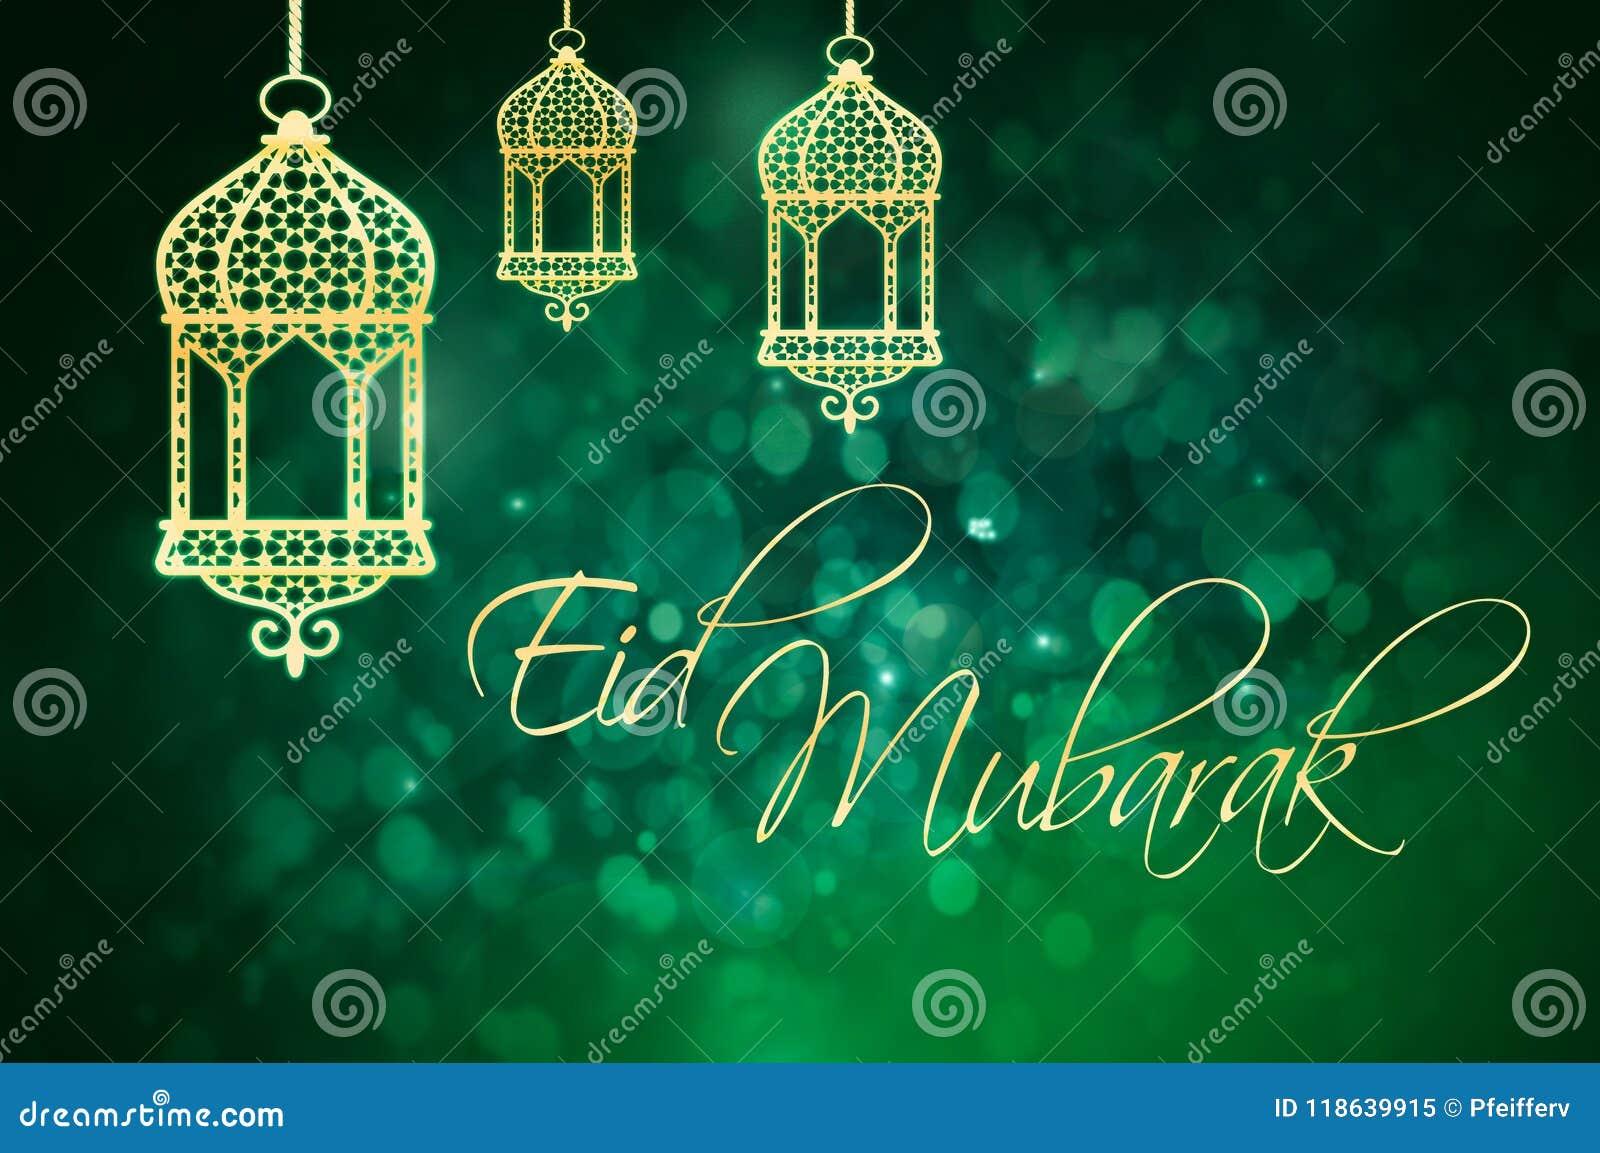 Eid Mubarak Greeting For Islamic Holidays Eid Al Fitr And Eid A